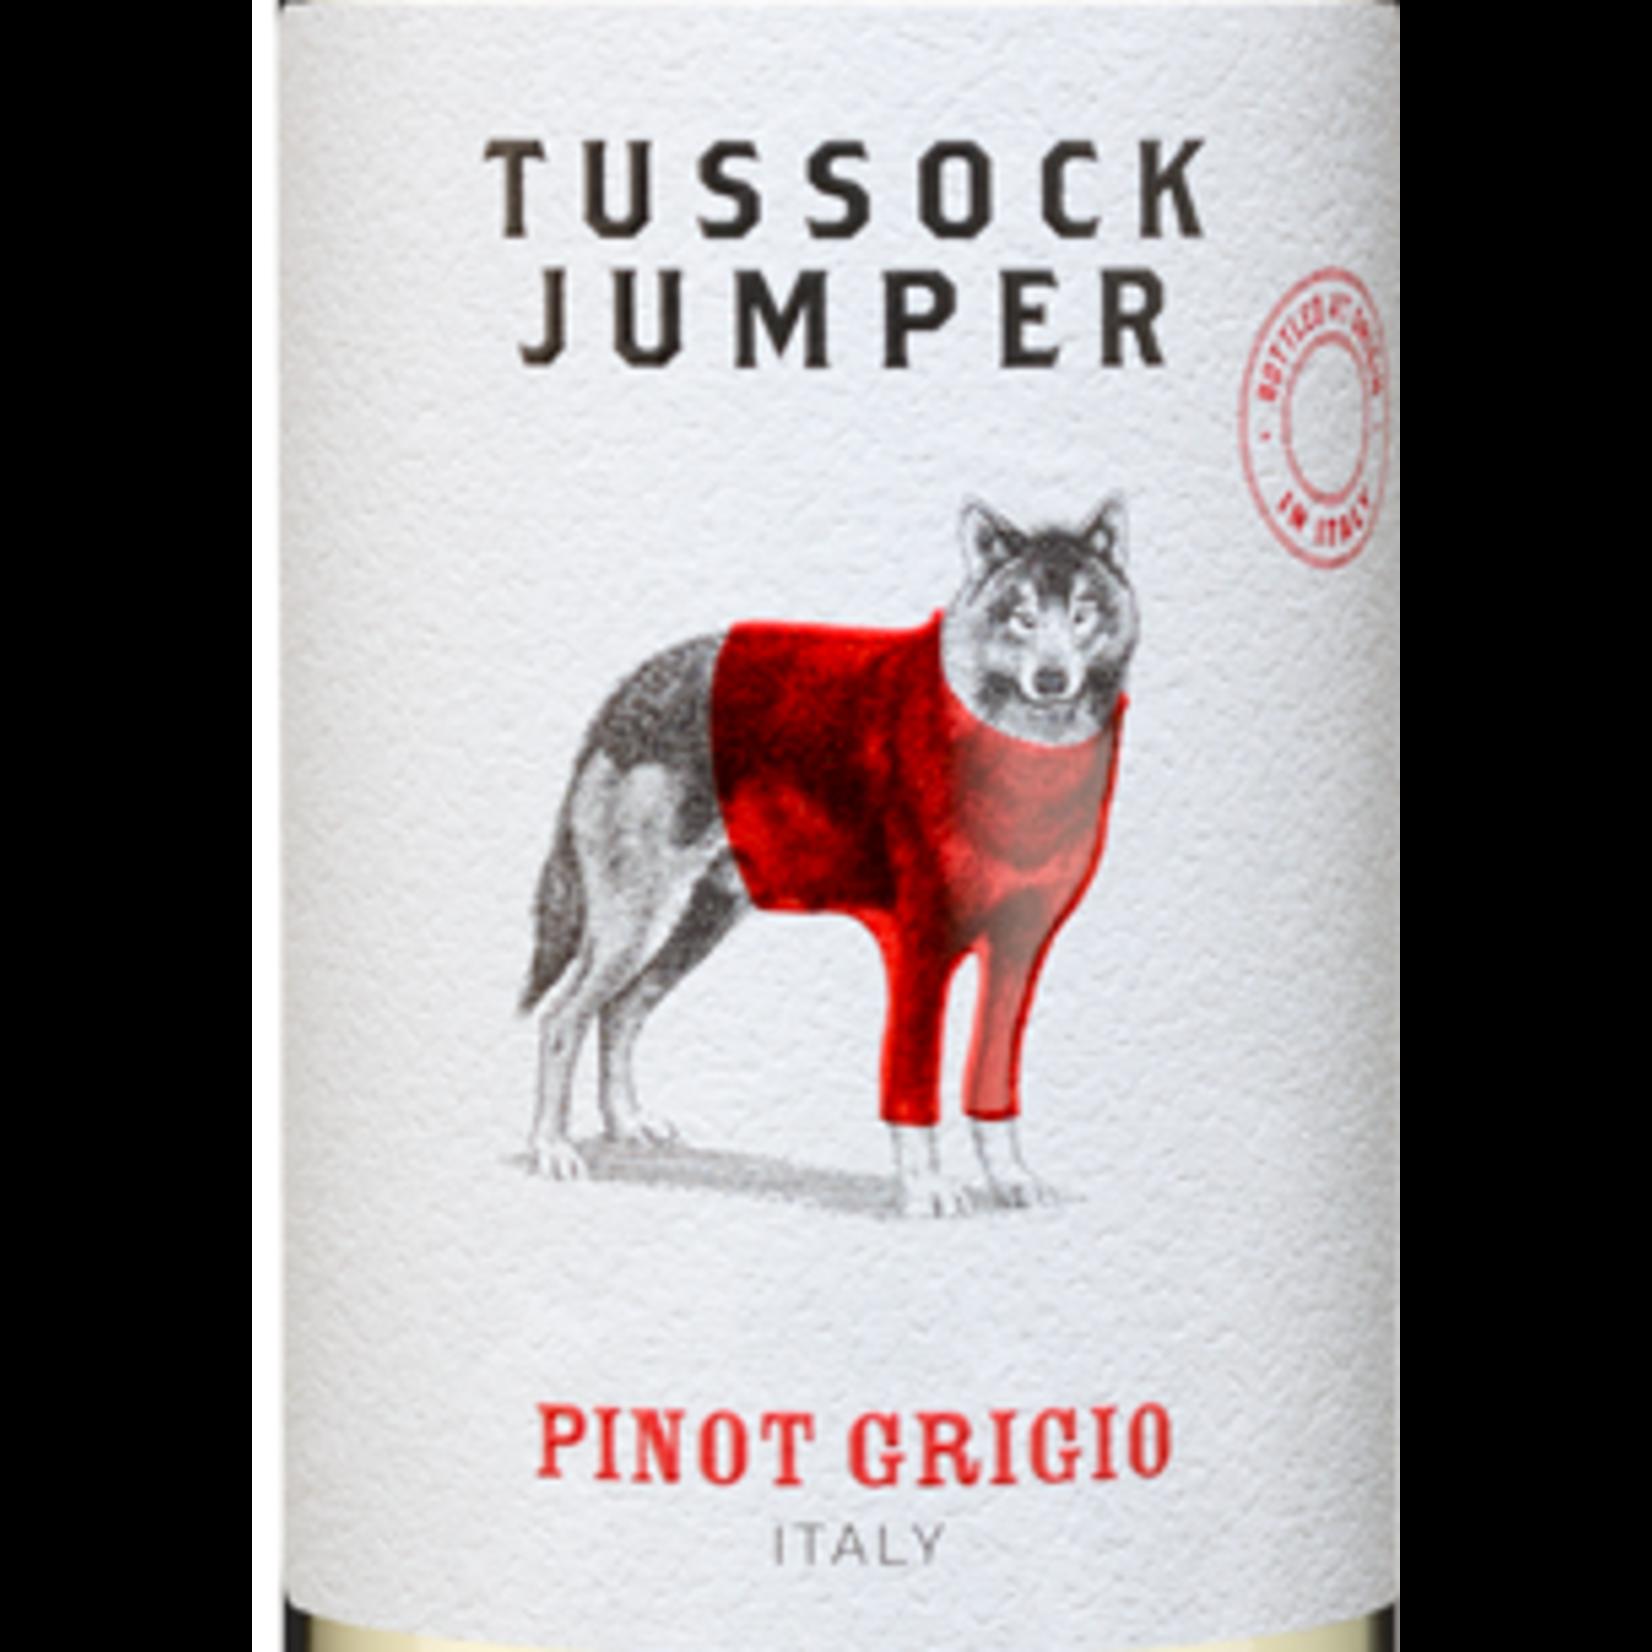 Tussock Jumper Tussock Jumper Pinot Grigio 2019  Italy